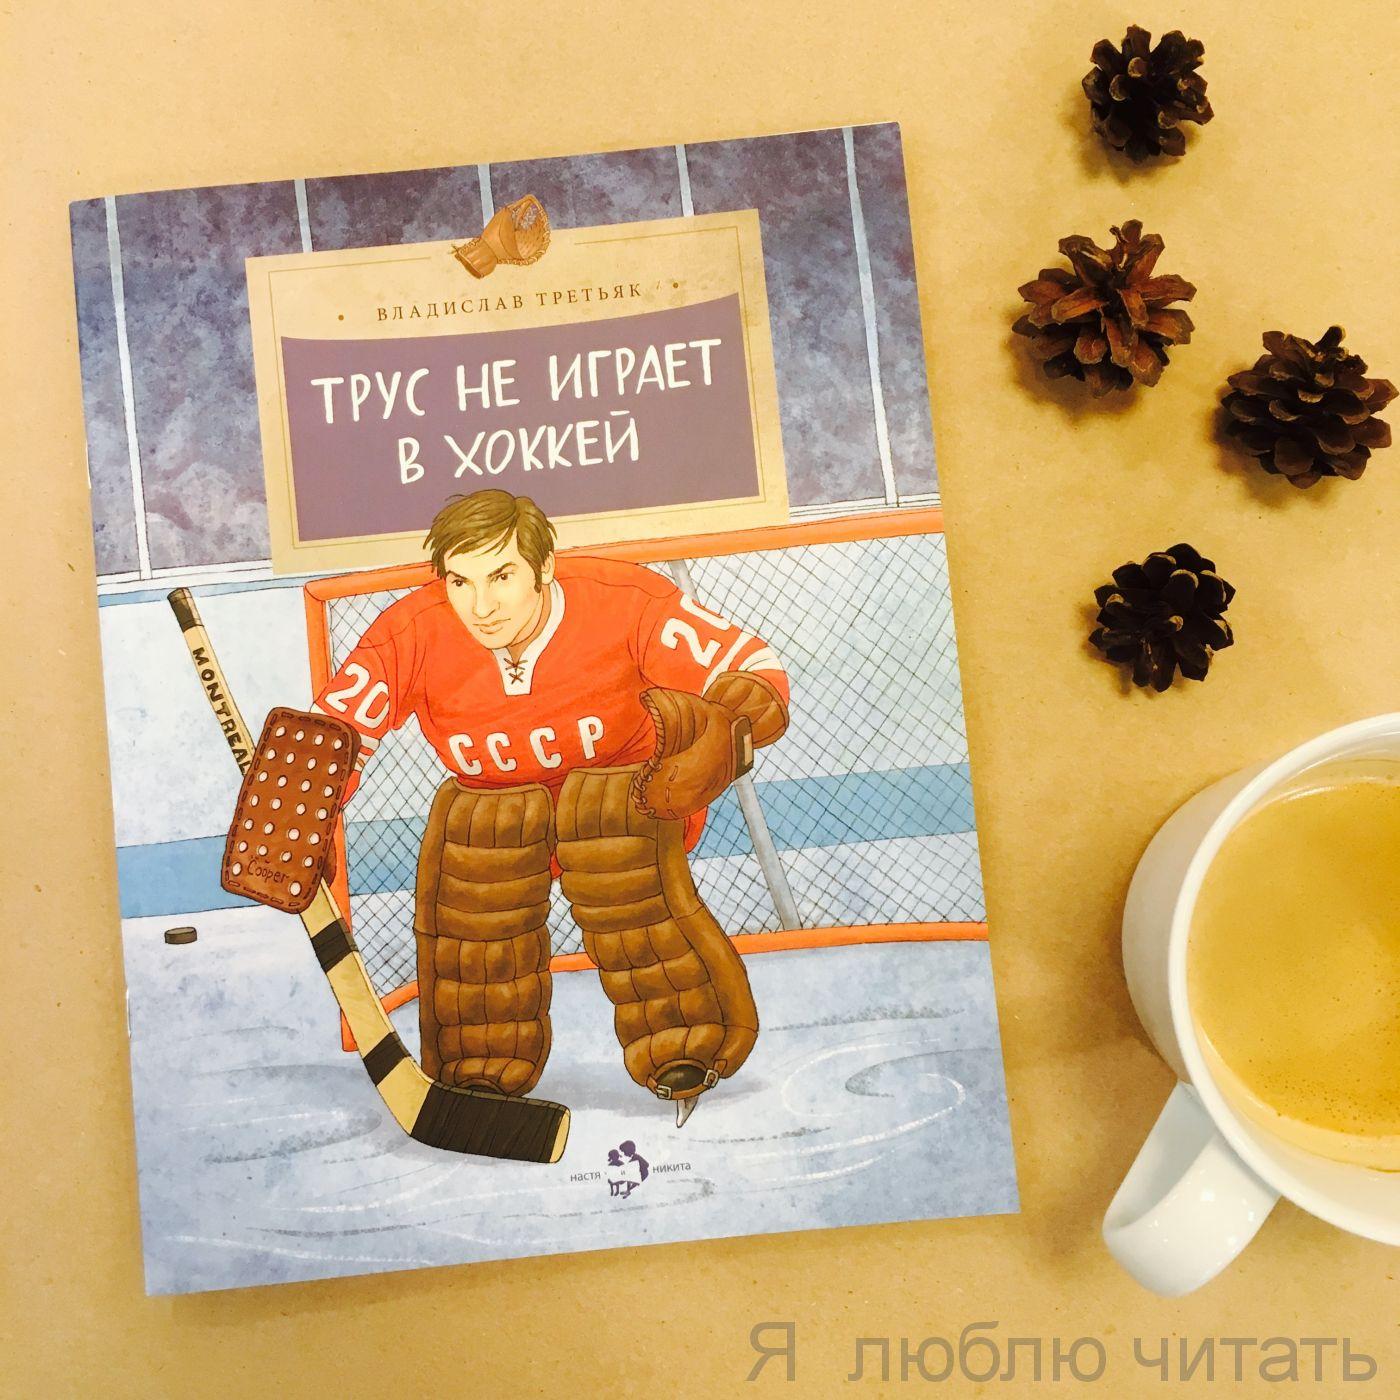 Книга «Трус не играет в хоккей»